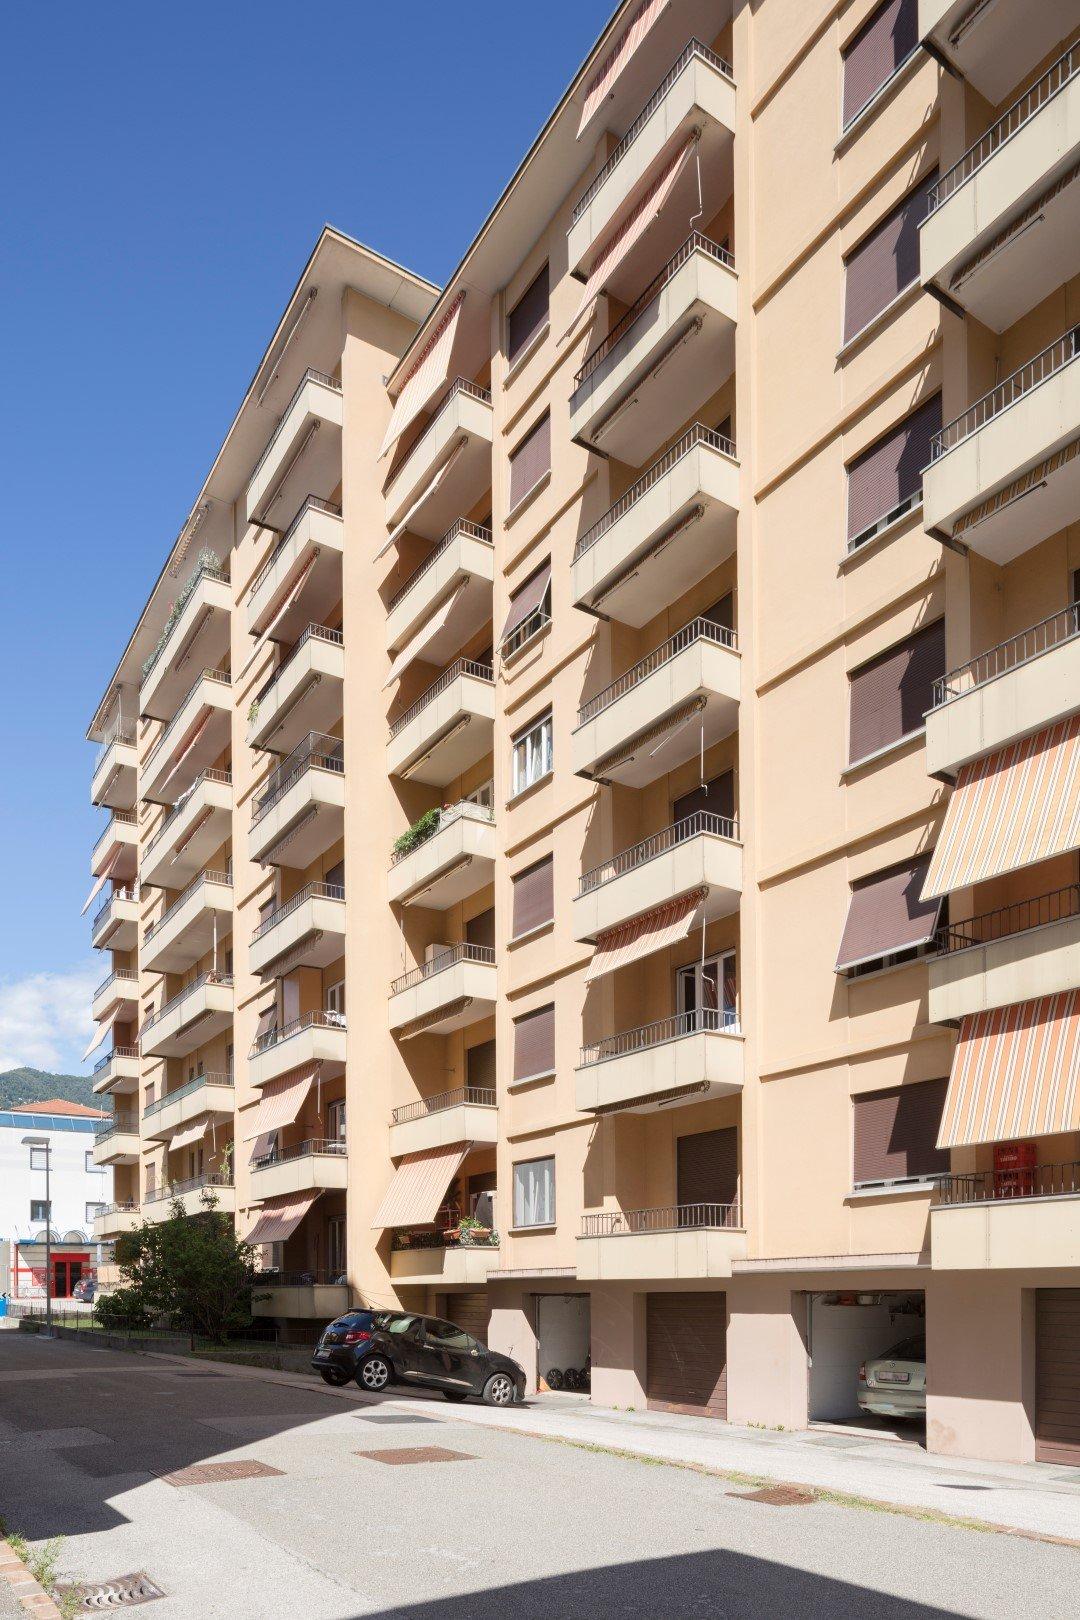 Via Soldini 47